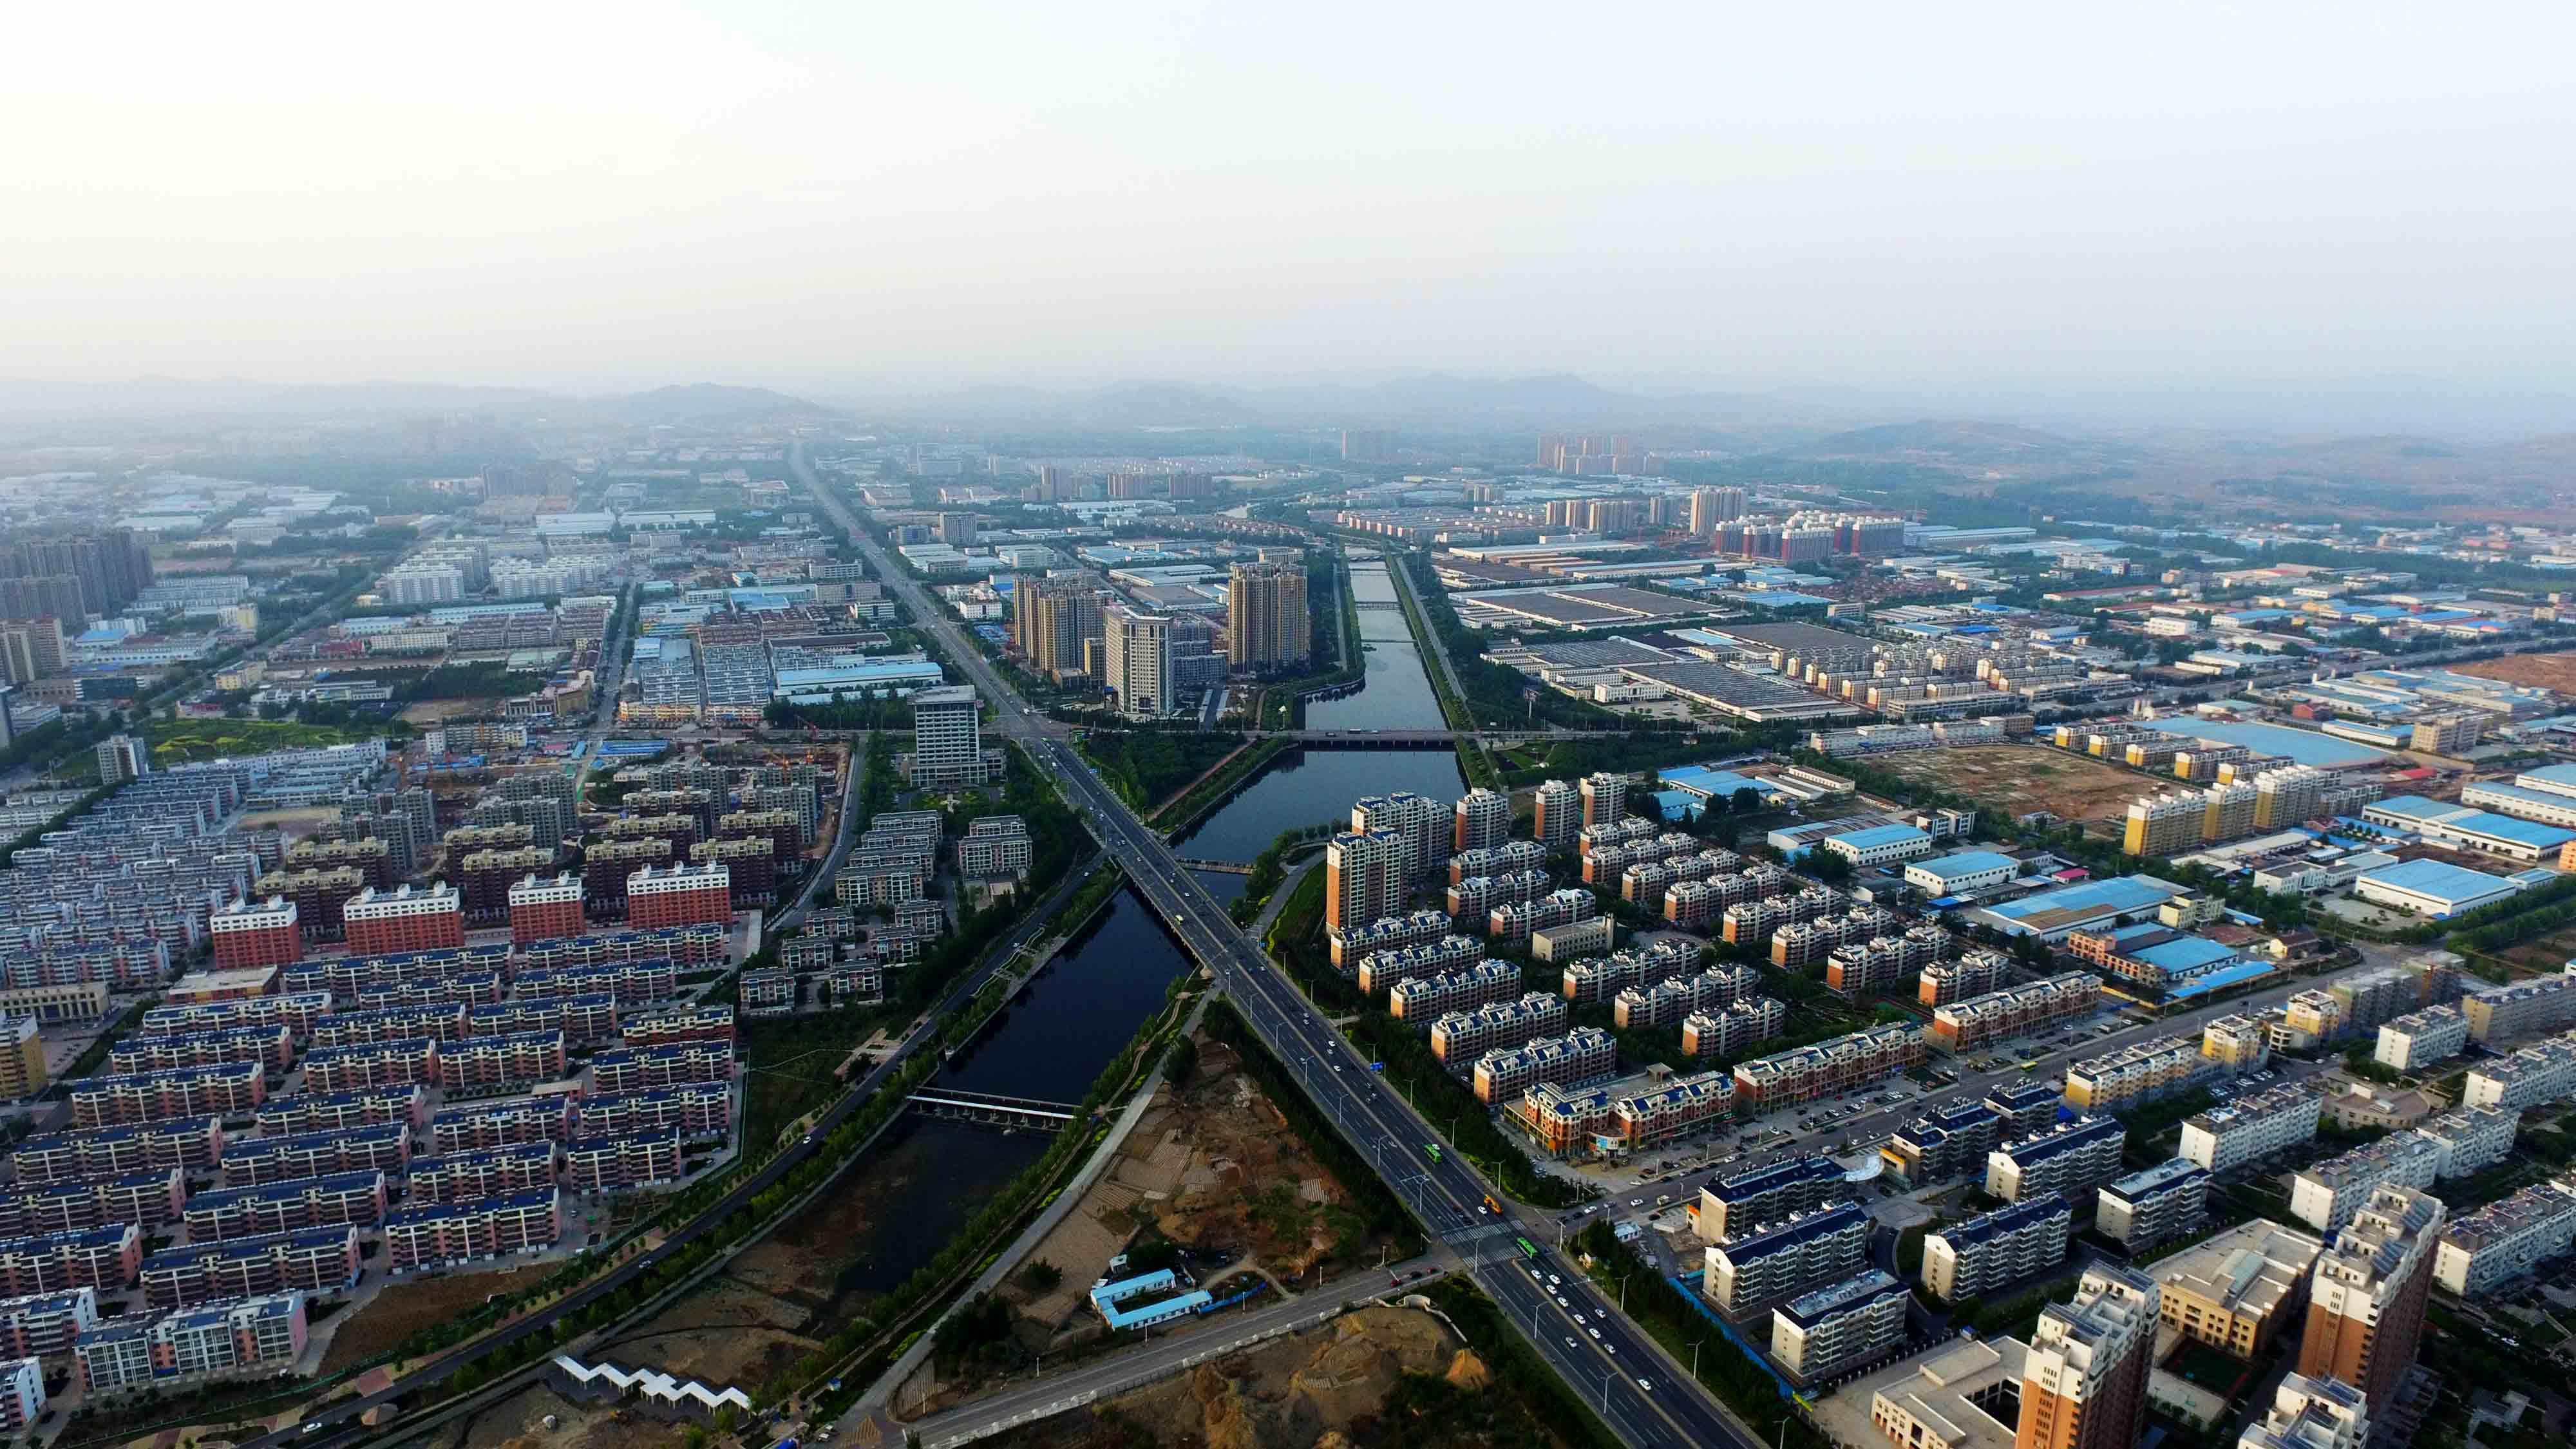 莱芜高新技术产业开发区